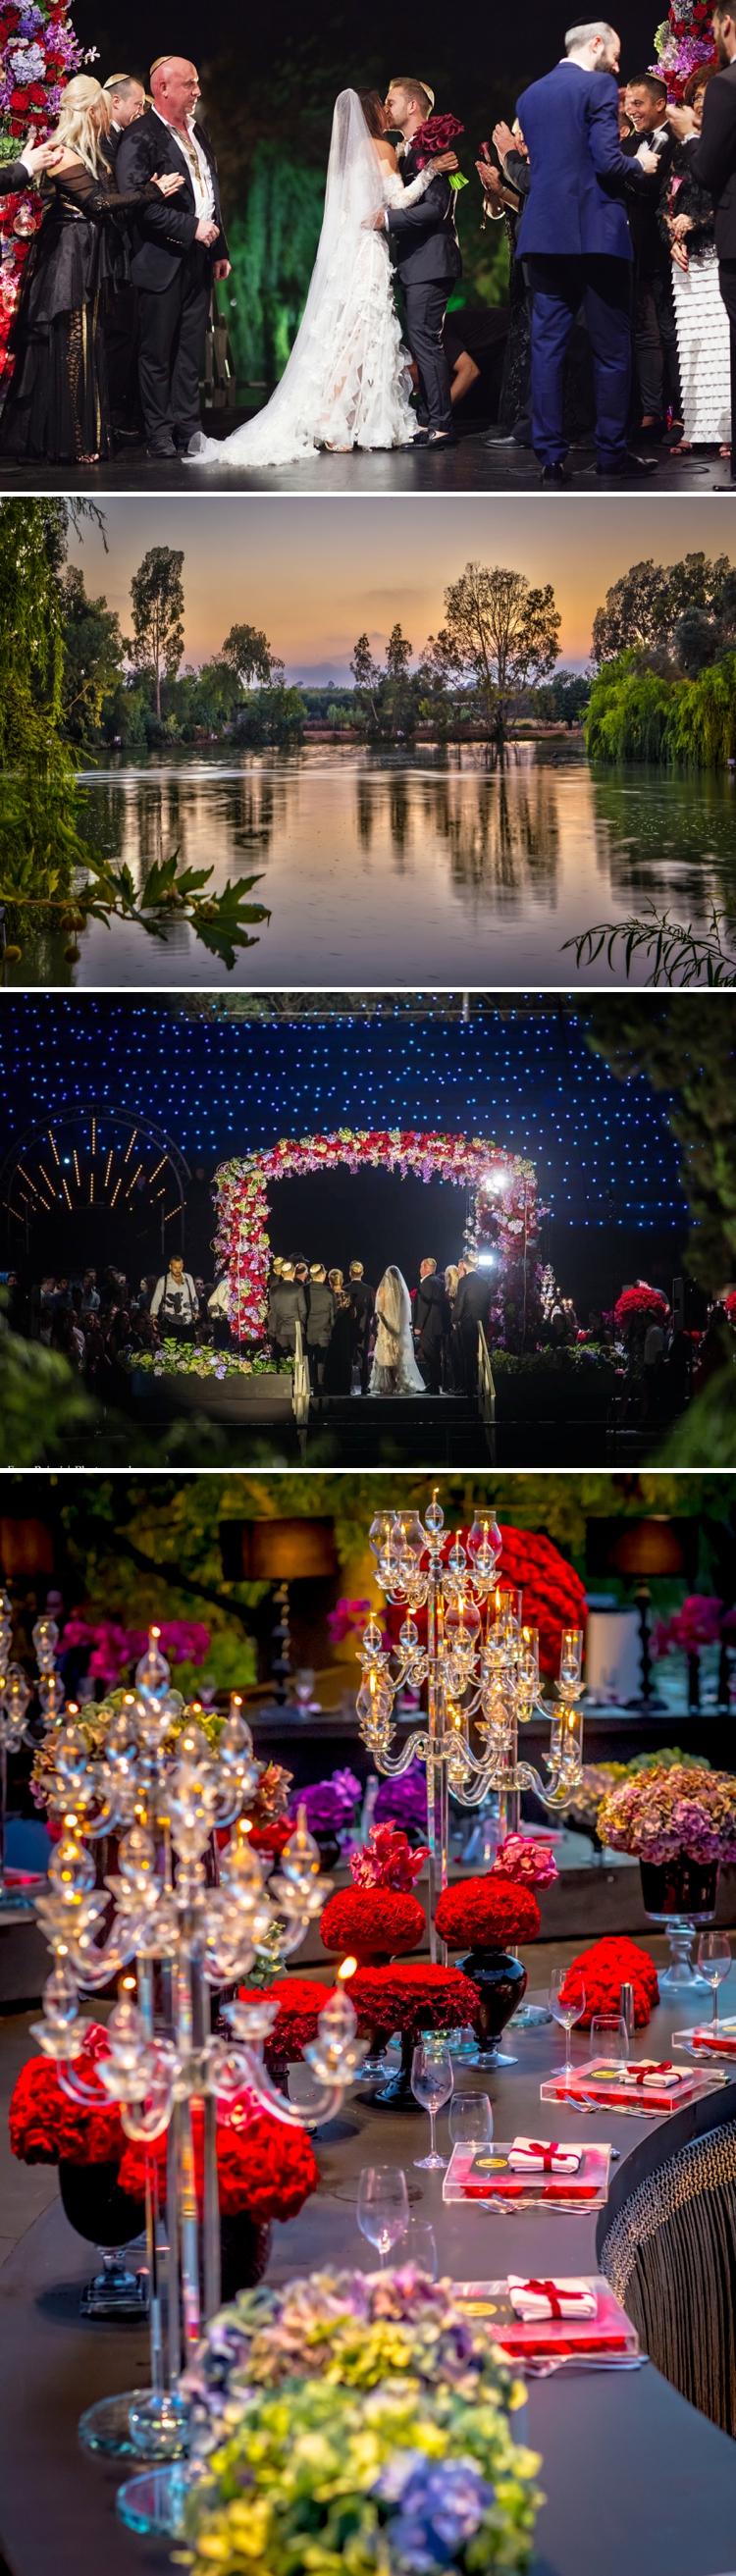 destination-wedding-ronit-farm-israel_0723